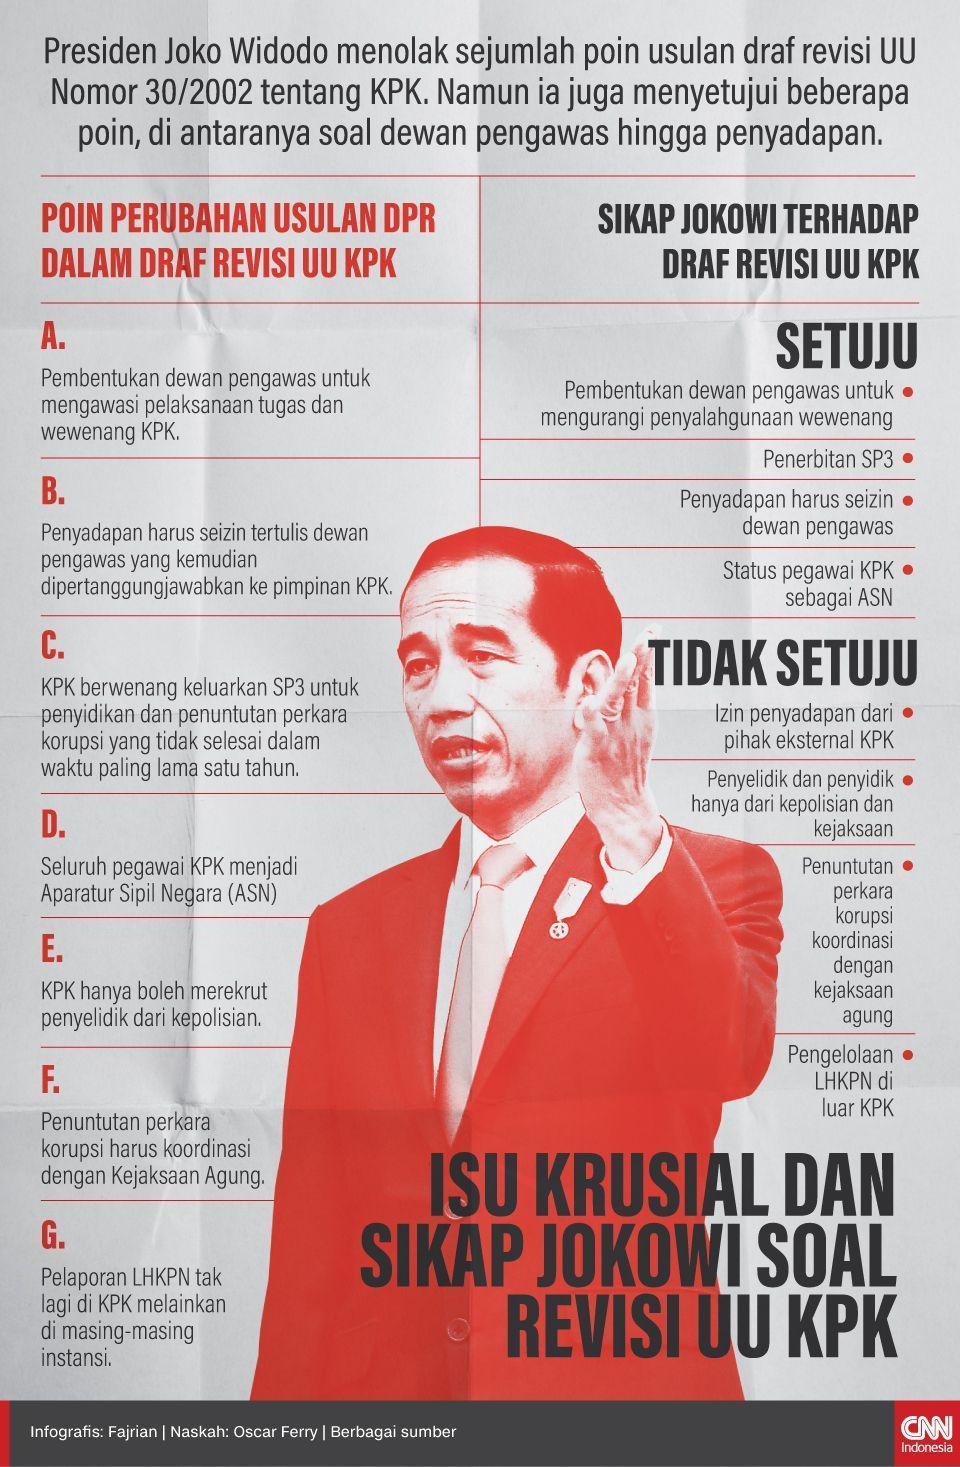 Infografis Isu Krusial dan Sikap Jokowi Soal Revisi UU KPK